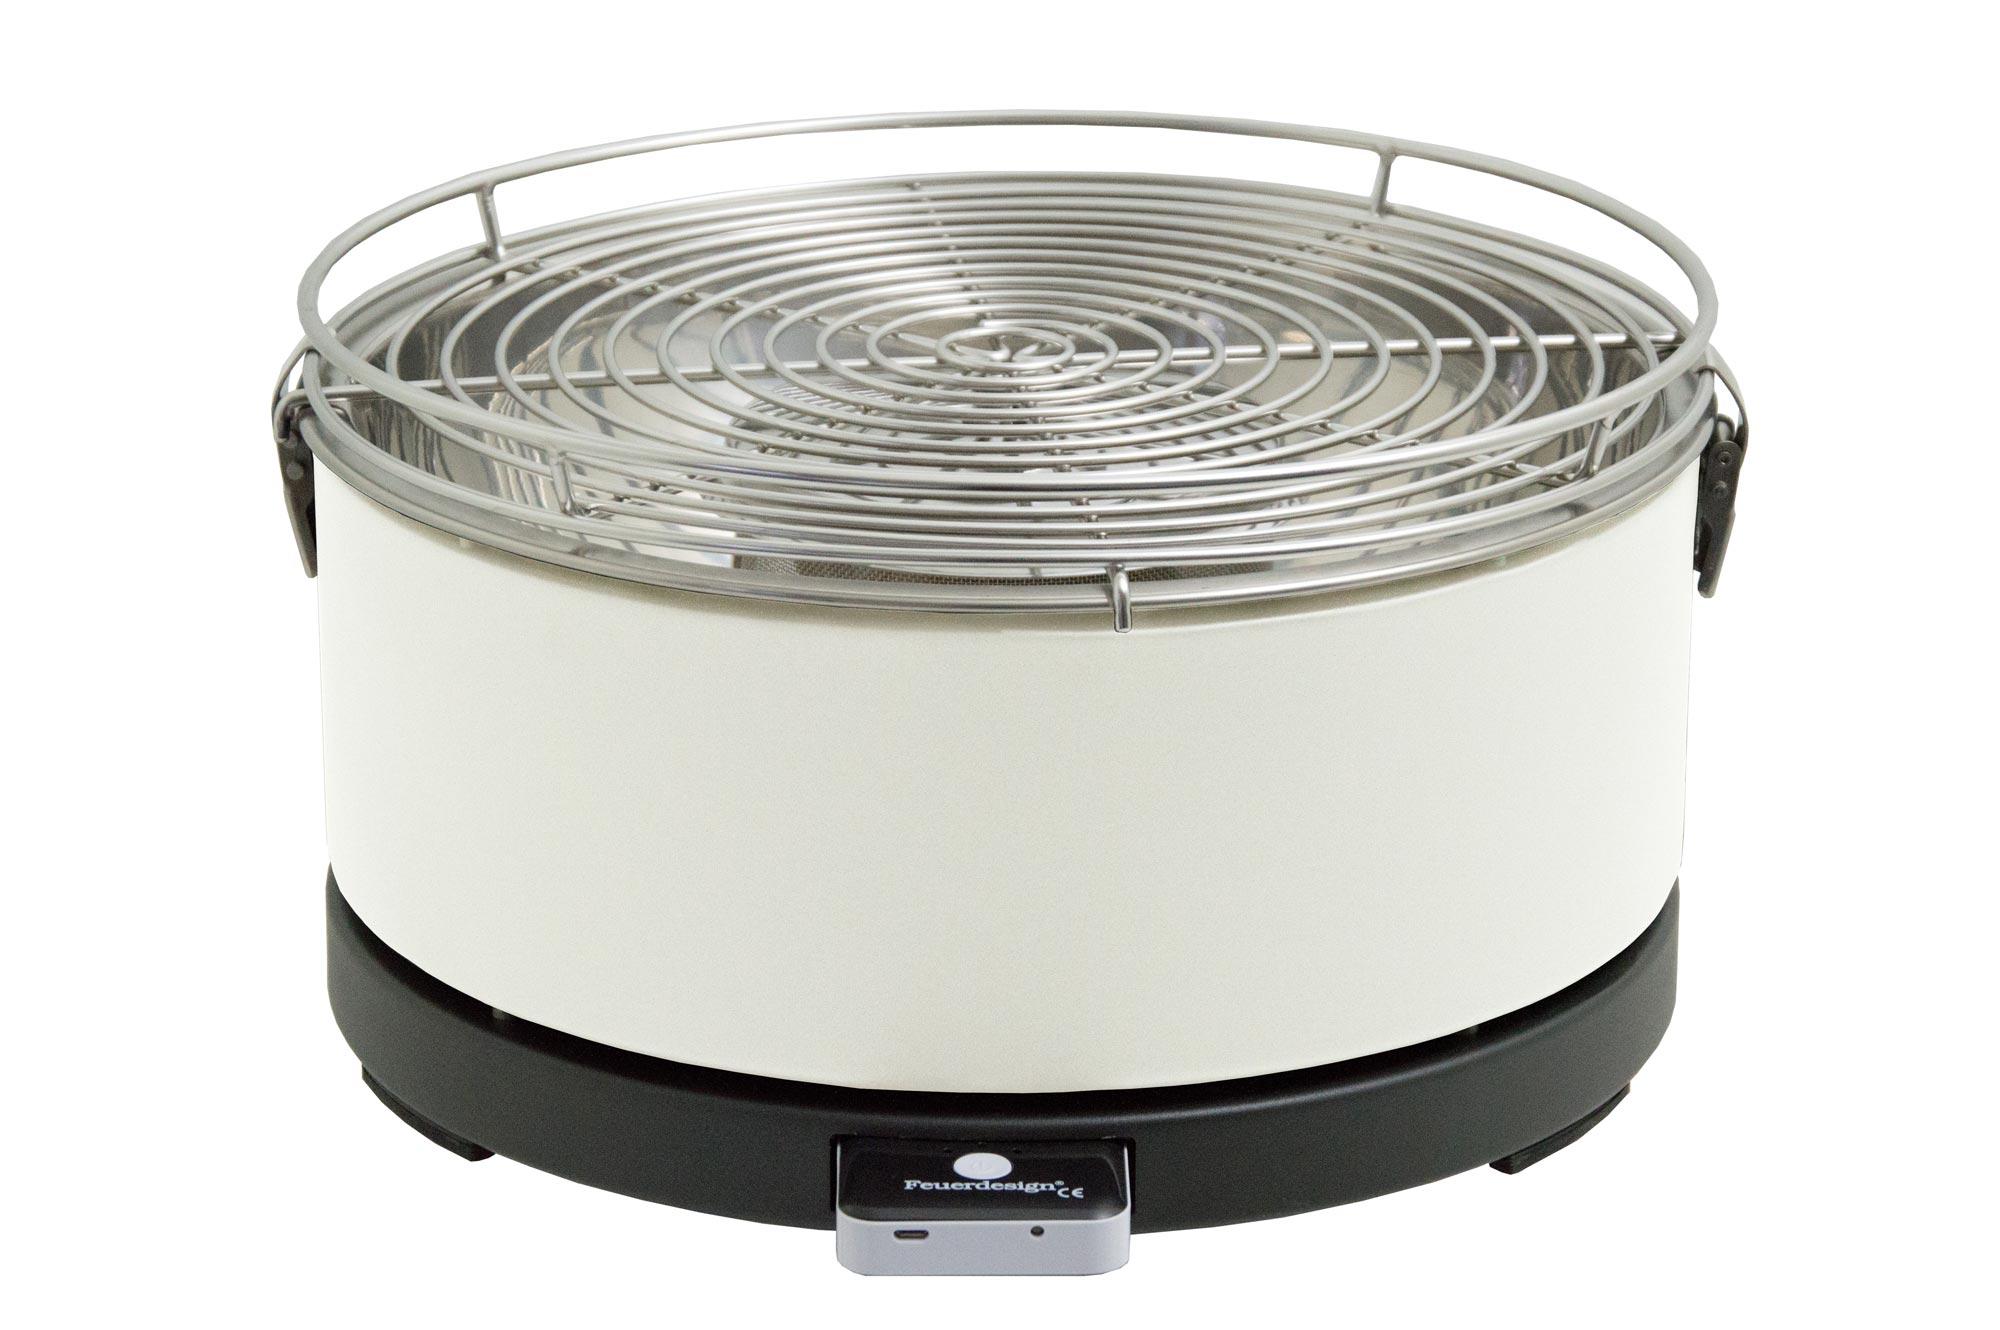 Rauchfreier Holzkohlegrill Preisvergleich : Rauchfreier grill feuerdesign mayon Ø cm weiß bei edingershops